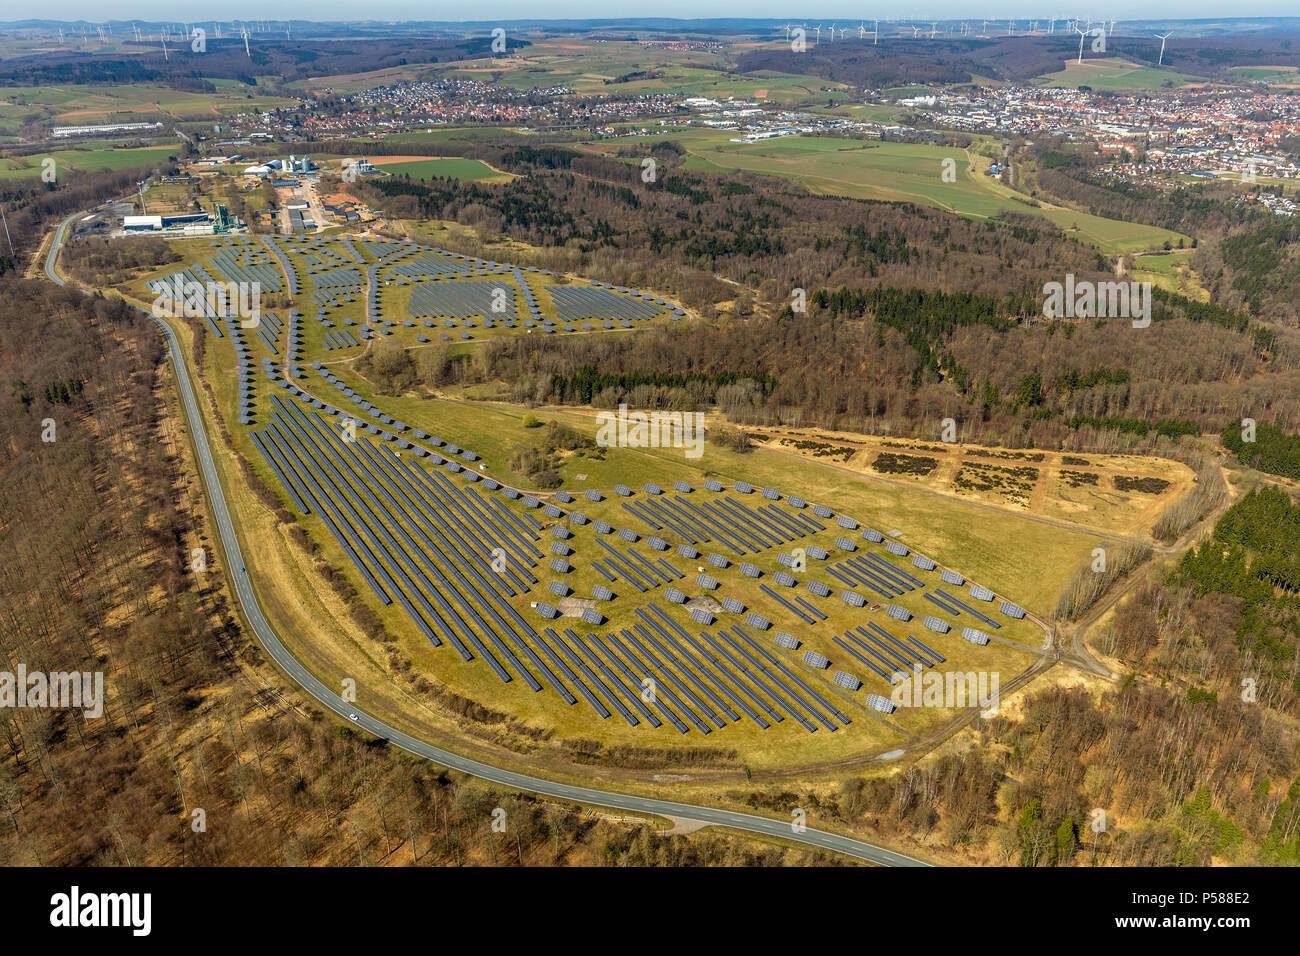 Solar plant on the former Prinz-Eugen-Kaserne area, with industrial and commercial park, asphalt mixing plant, asphalt plants Waldeck GmbH & Co. KG, B - Stock Image